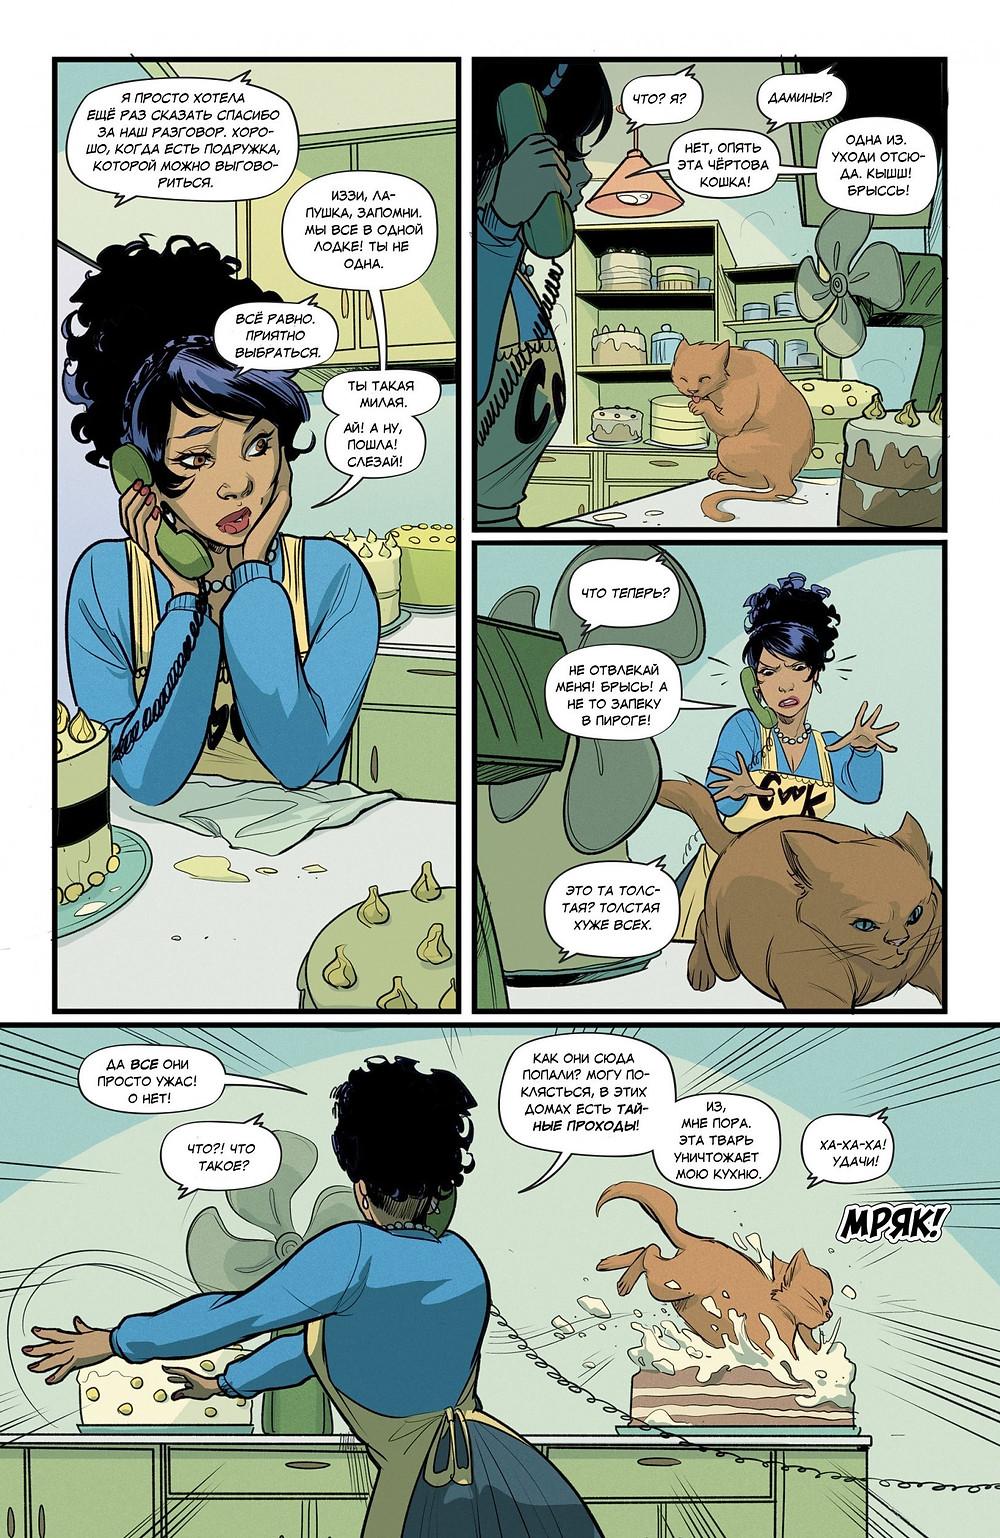 """Фантастический комикс о семейных отношениях """"Моя жена ведьма"""" Hex Wives. Часть 2. Страница 16"""